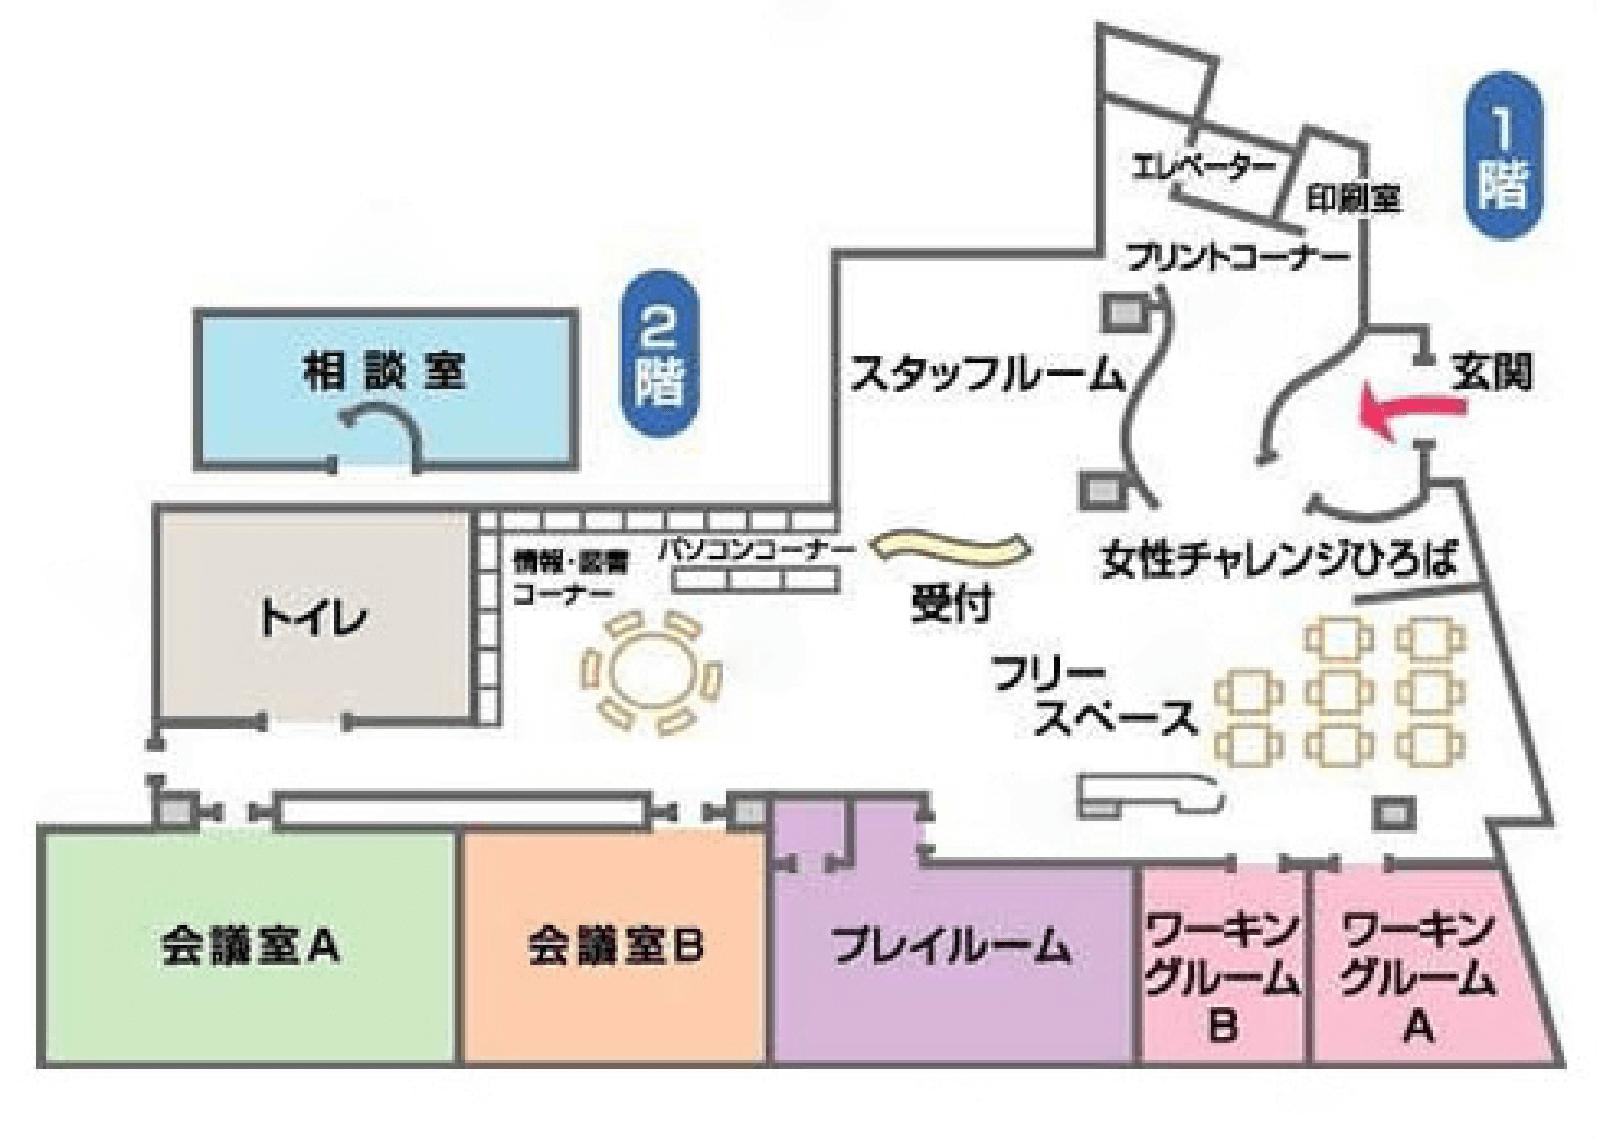 センター館内マップ